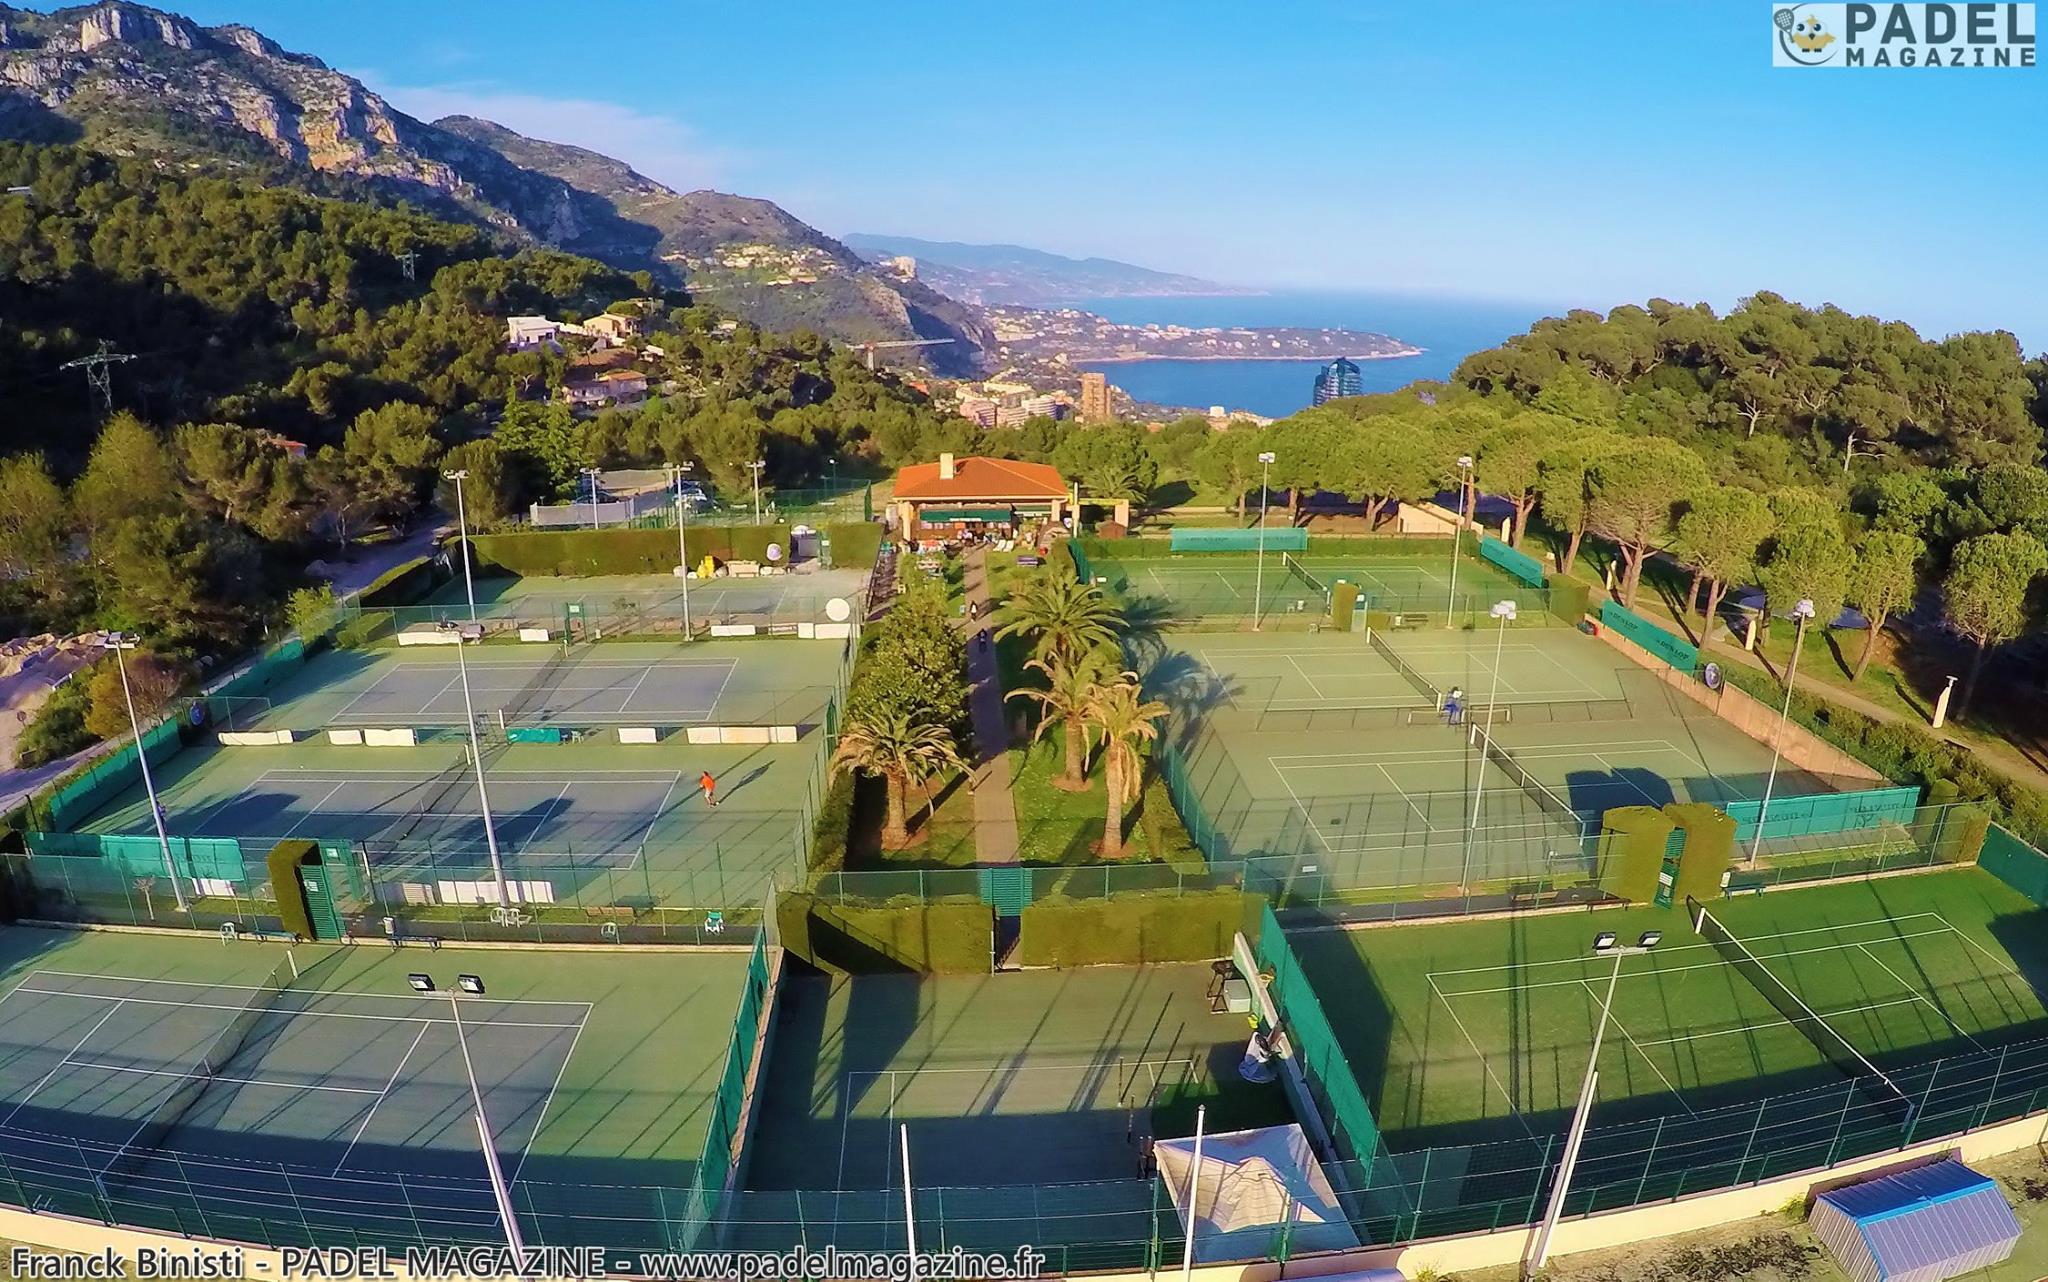 Ouverture du Club Tennis Padel Soleil le 4 septembre